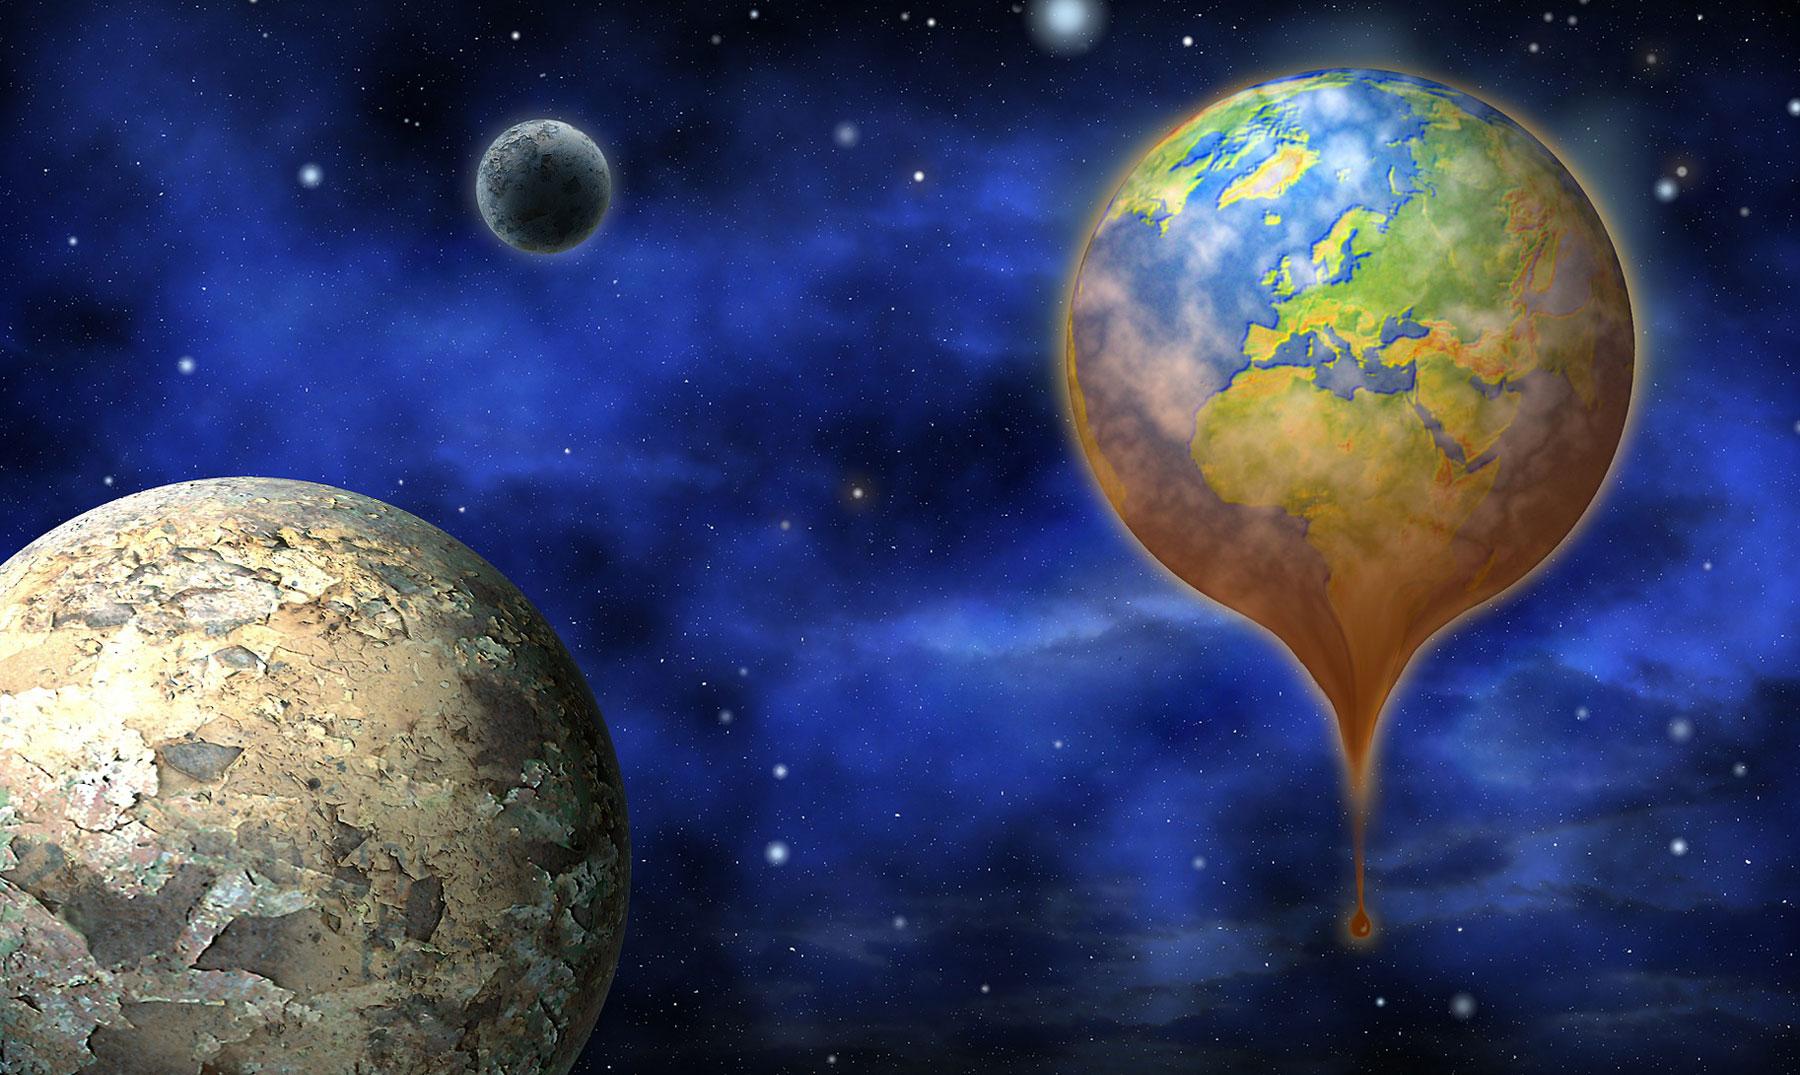 ¿Cómo disminuir el calentamiento global?